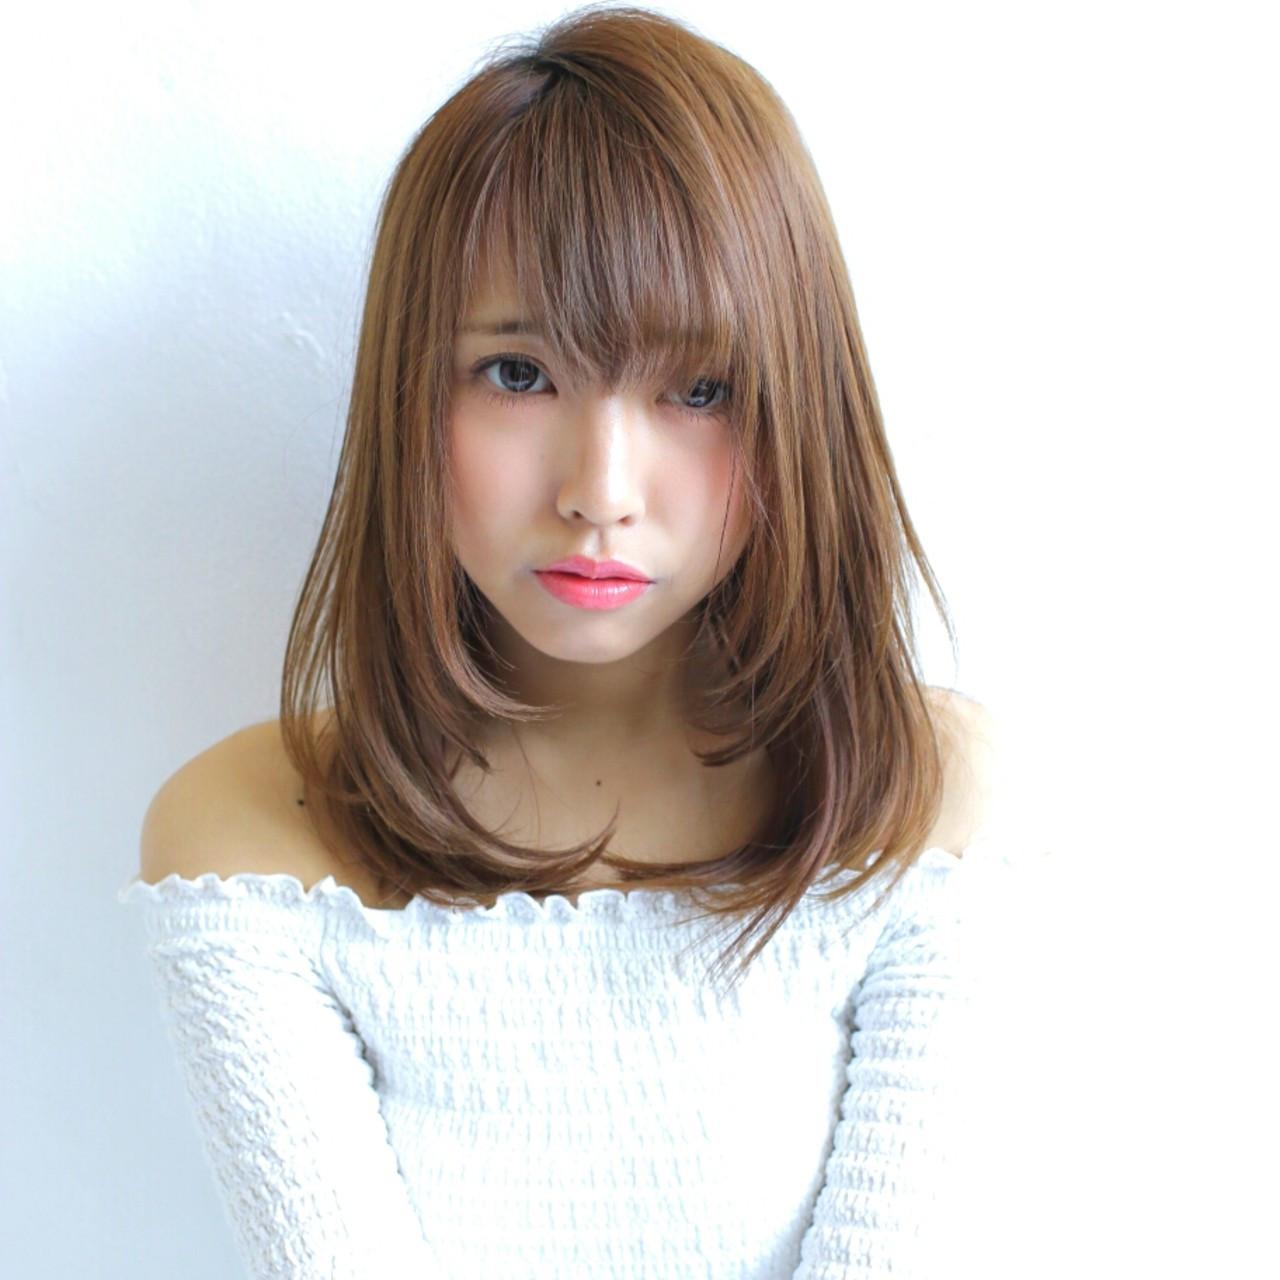 パーマ 縮毛矯正 ミディアム デート ヘアスタイルや髪型の写真・画像